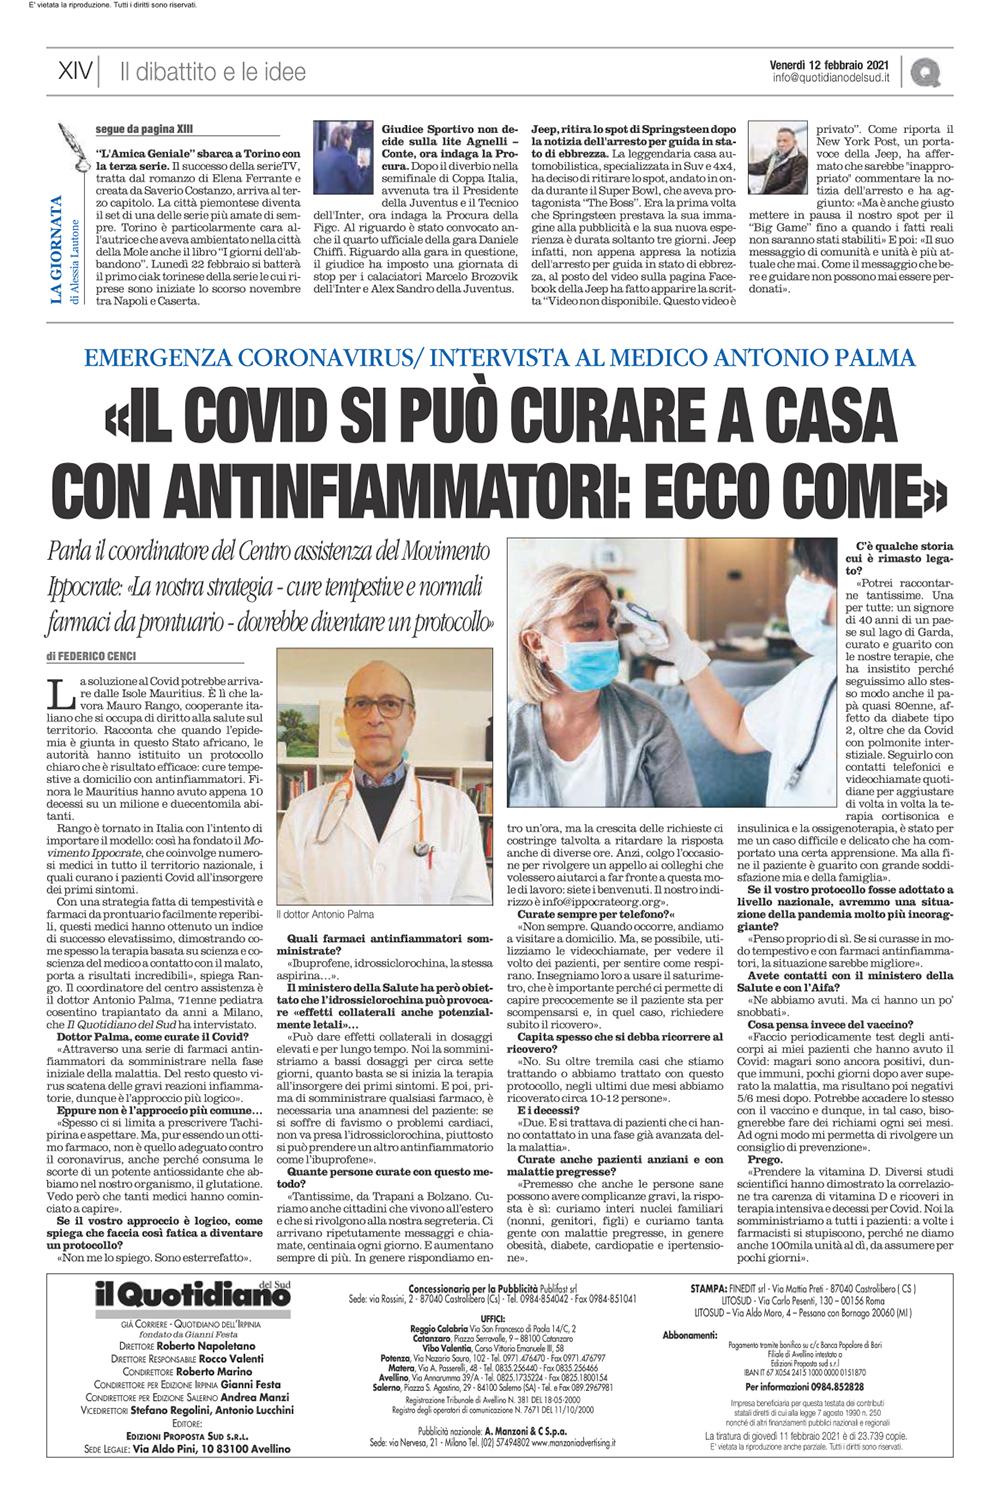 IL-COVID-SI-PUO-CURARE-A-CASA-Federico-Cenci